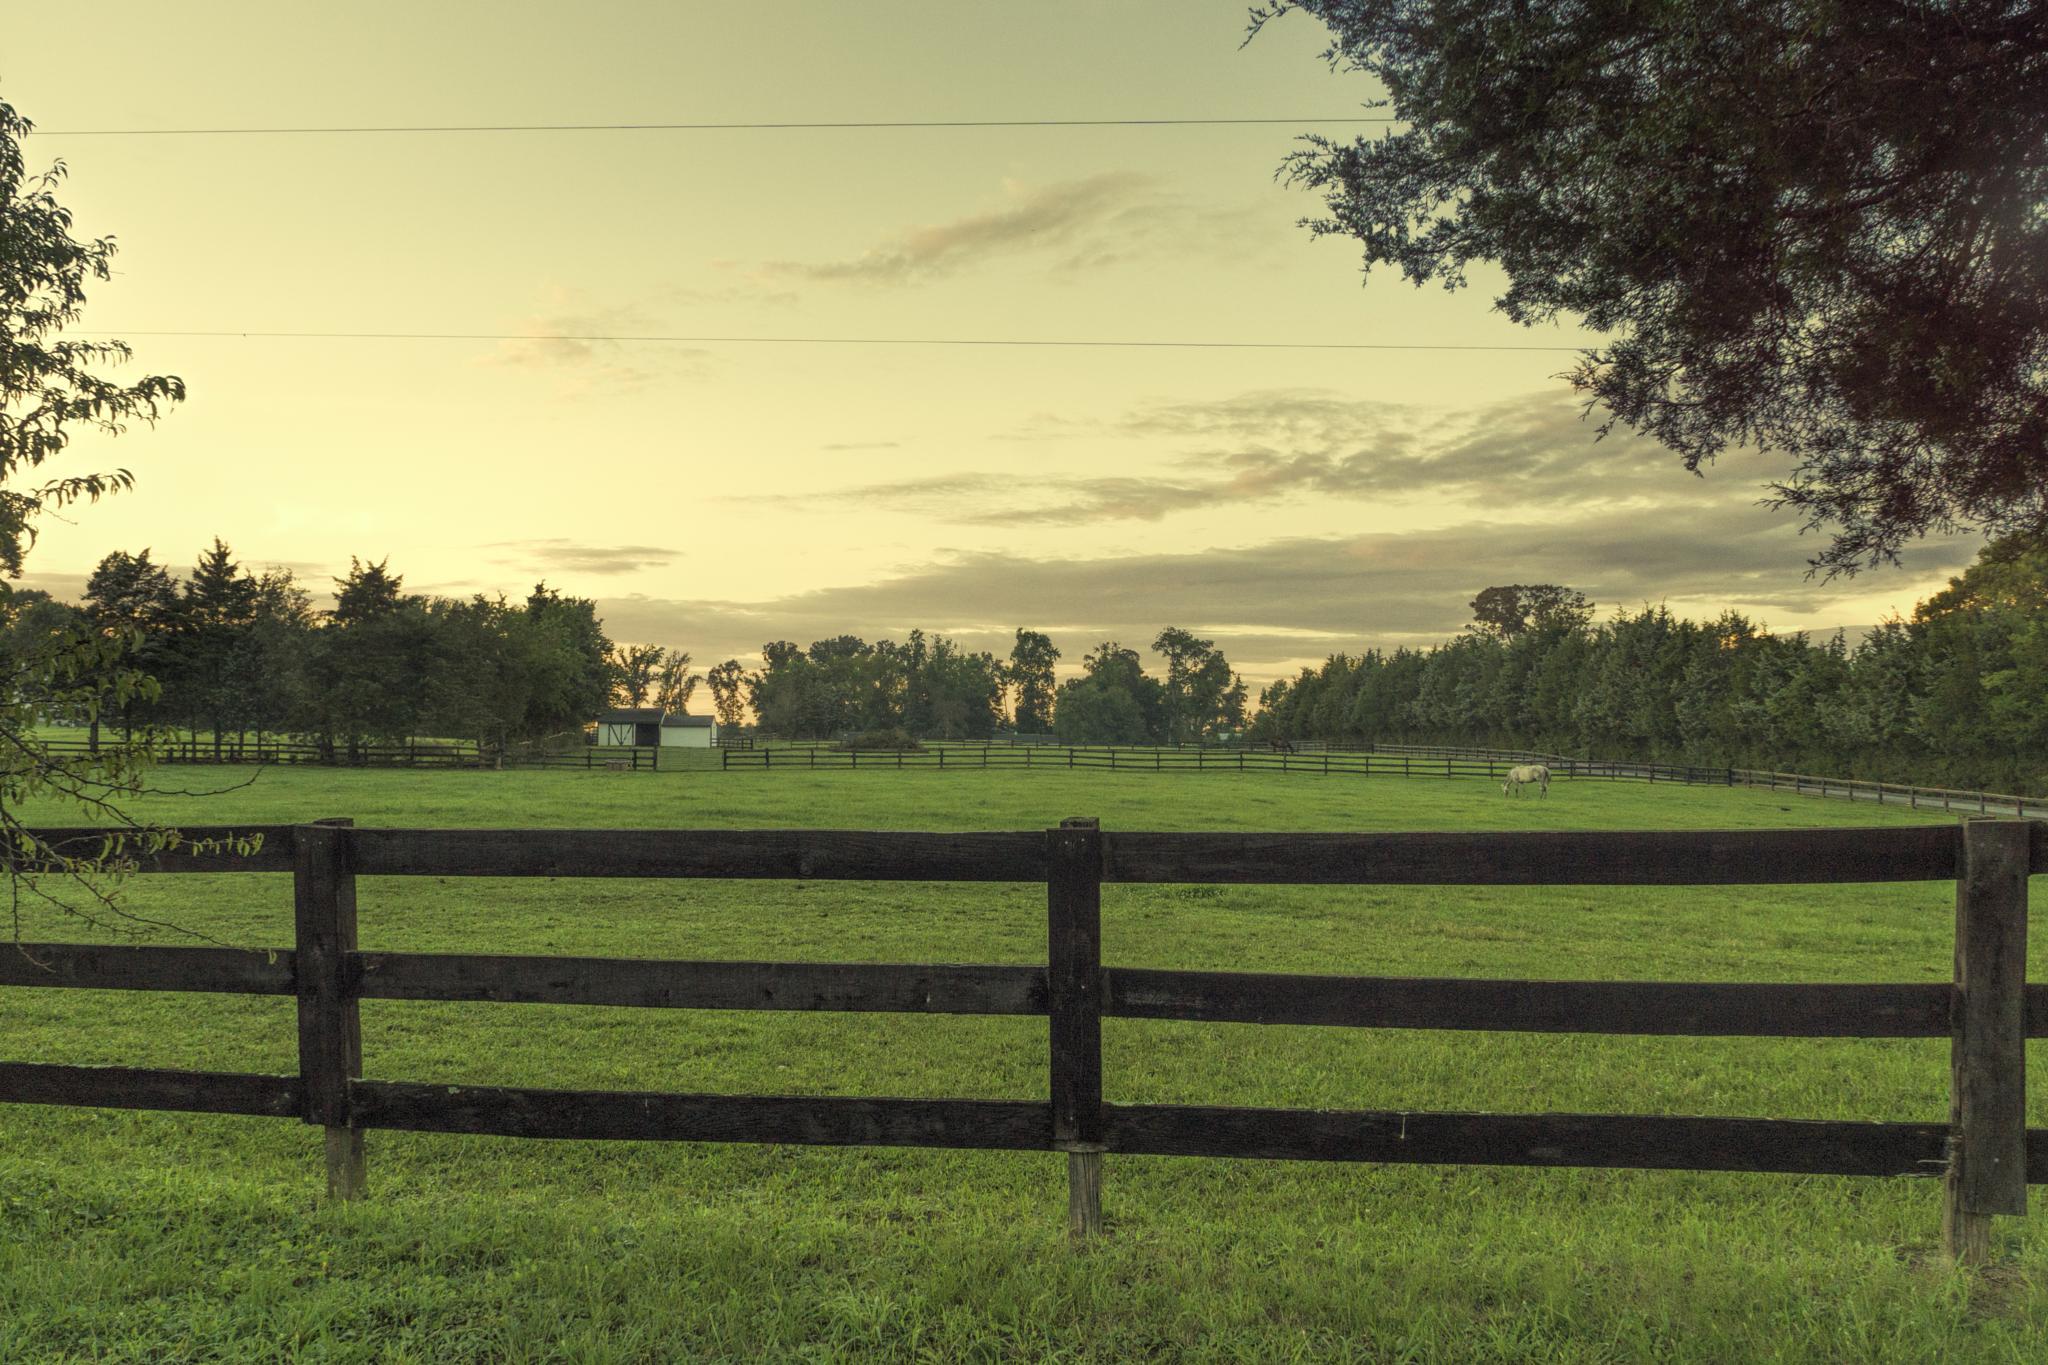 Peeking in on the Farm 2 by mjdrhd